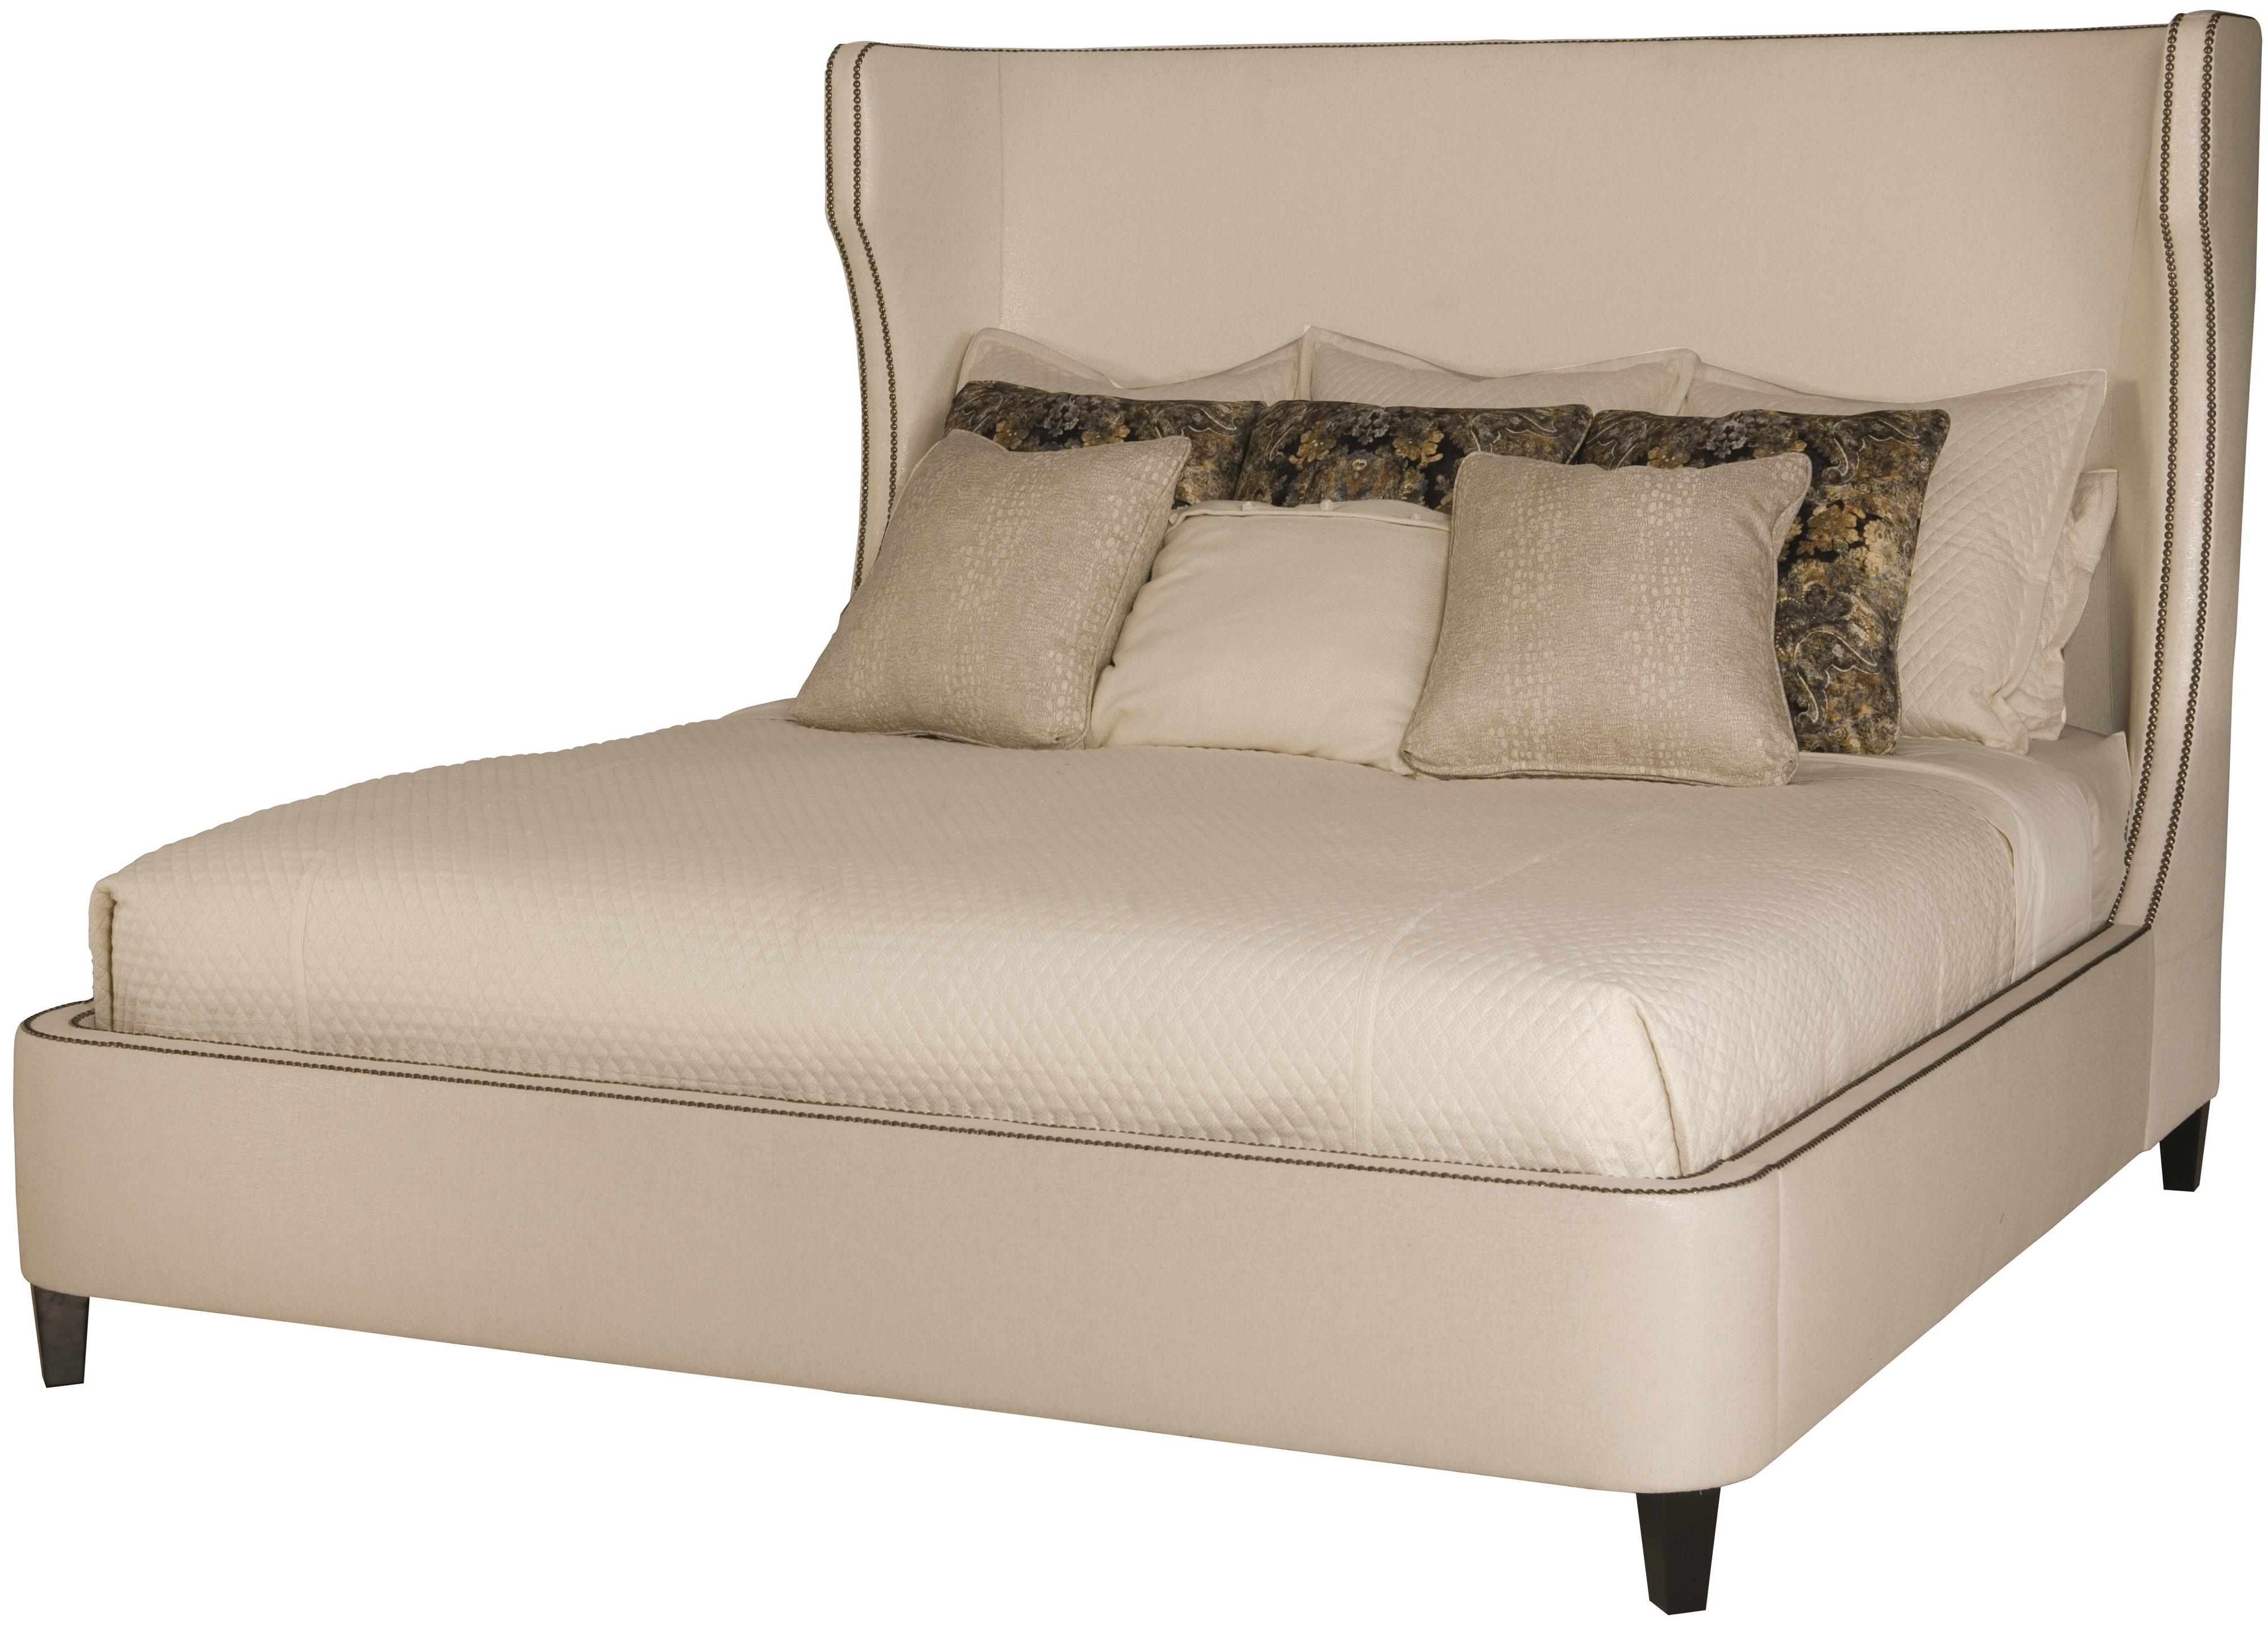 Wheeling Queen Upholstered Bed